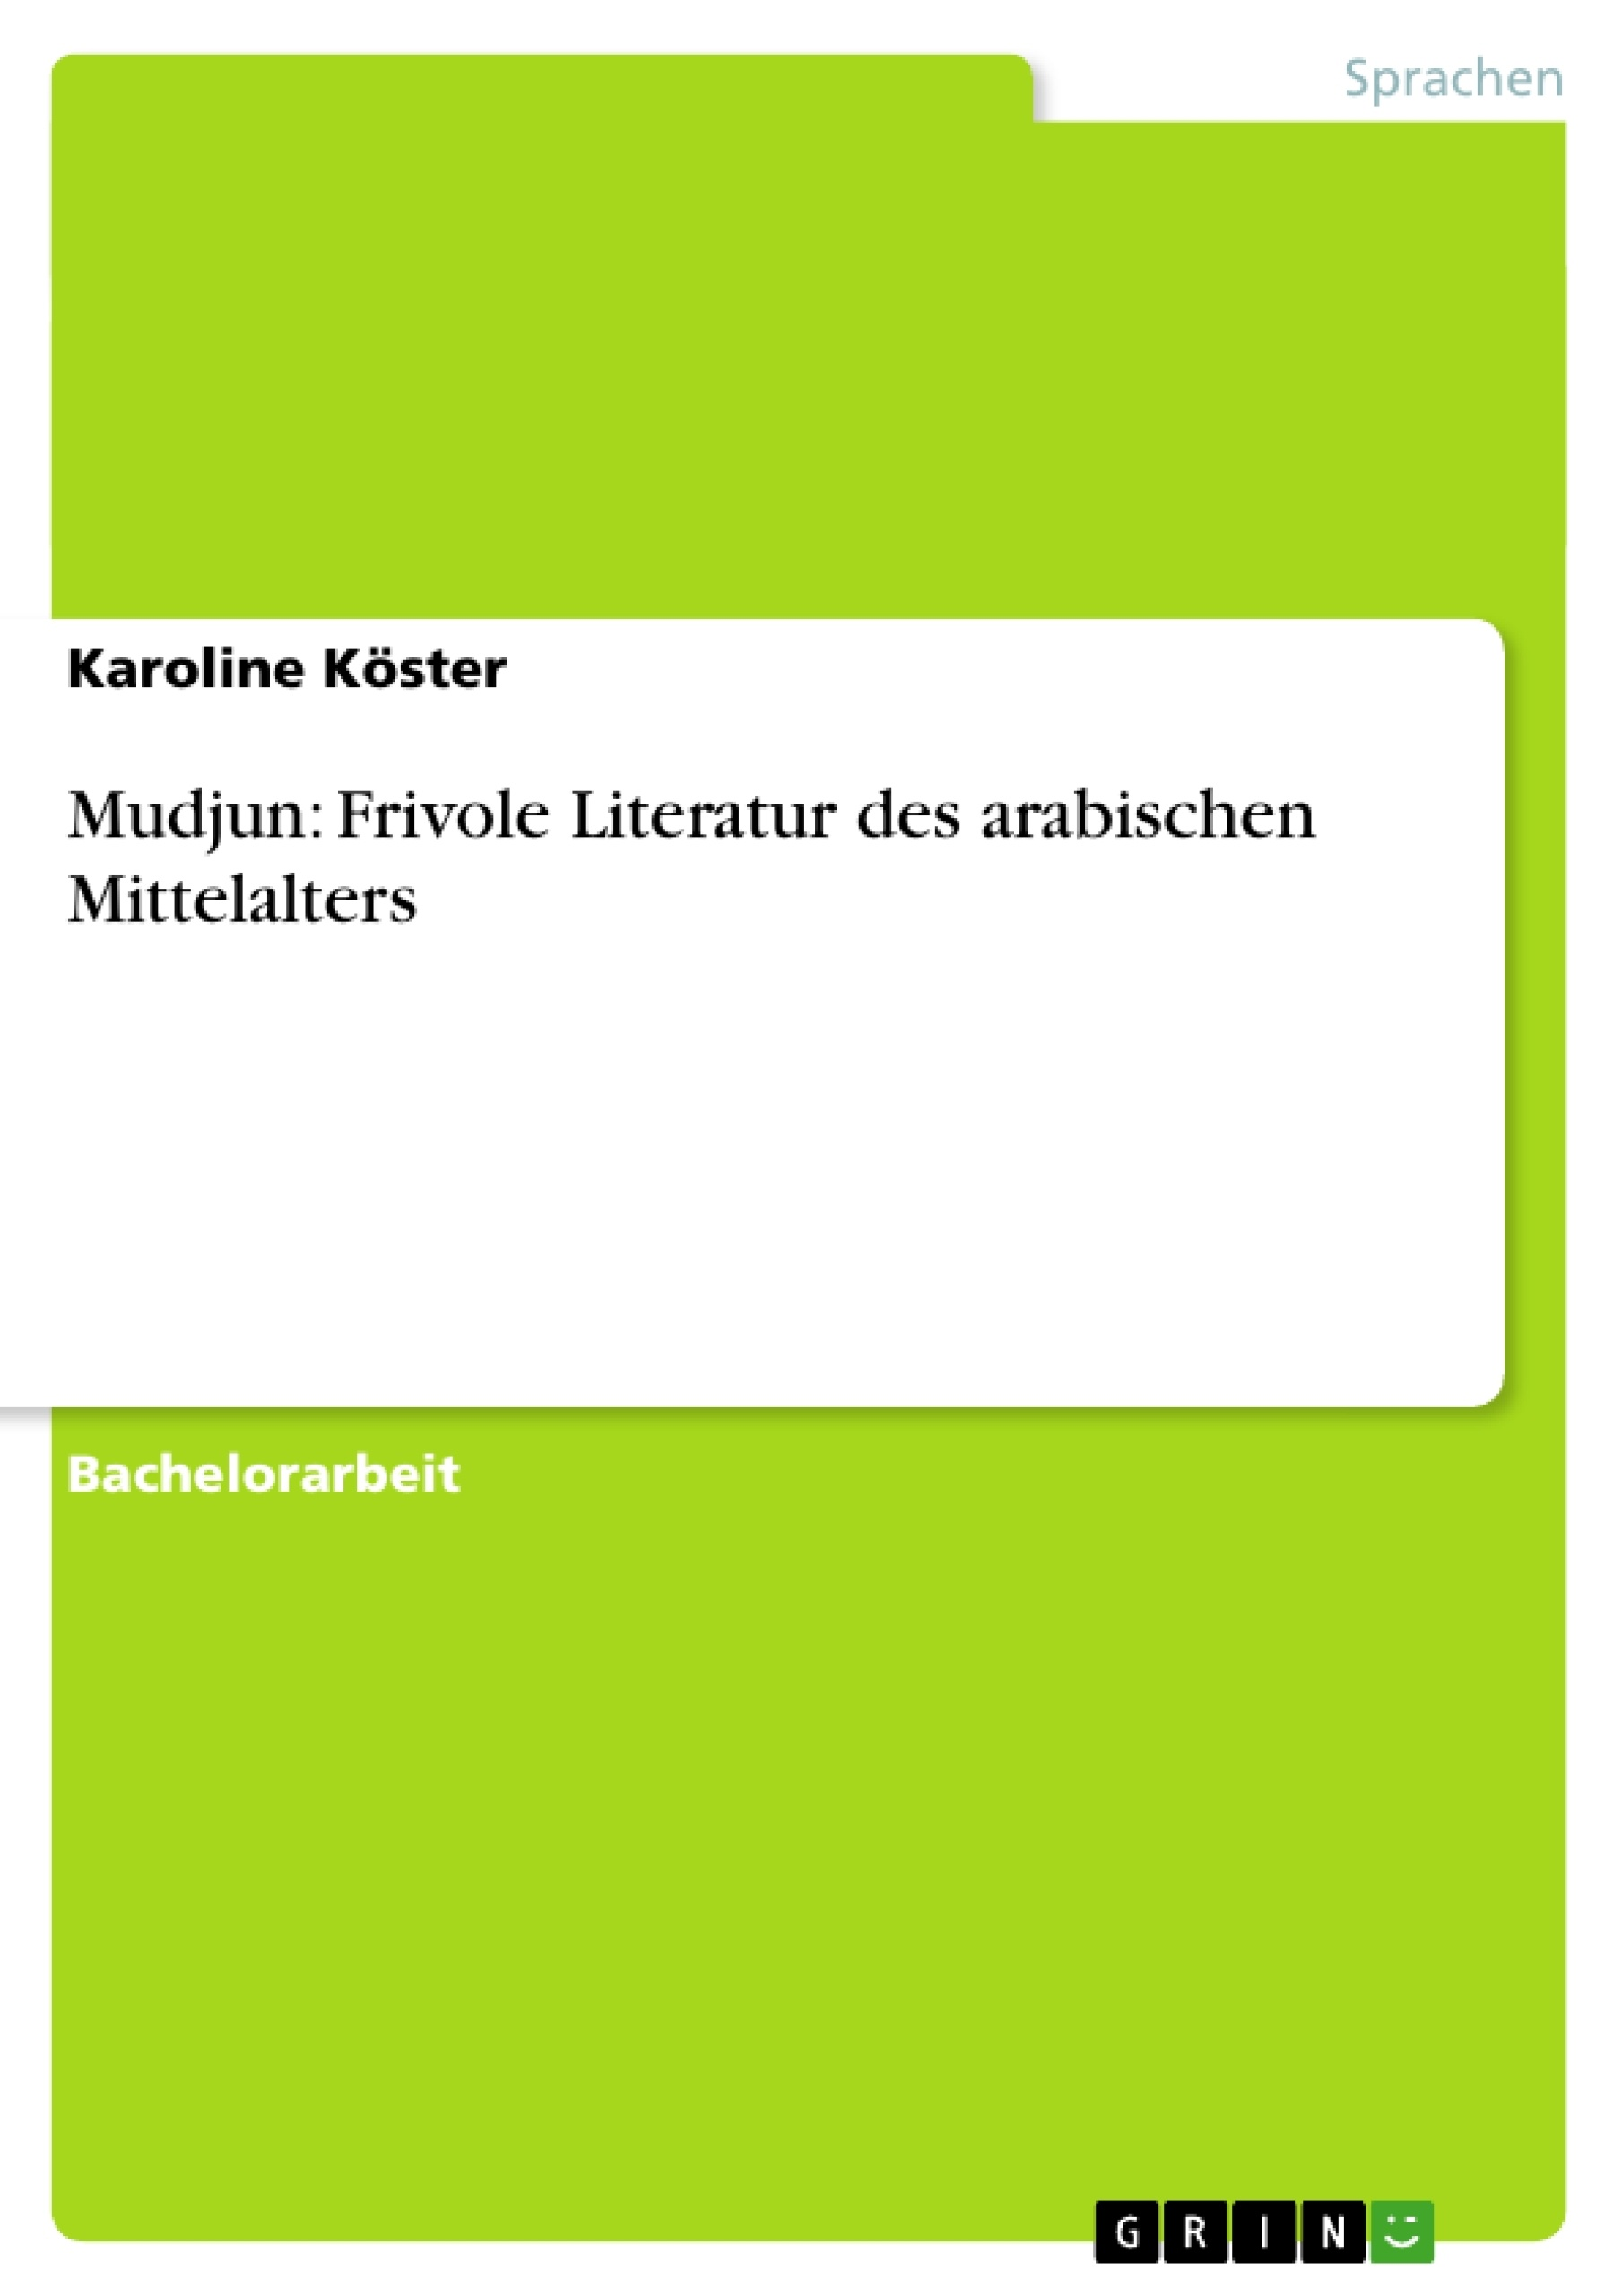 Titel: Mudjun: Frivole Literatur des arabischen Mittelalters